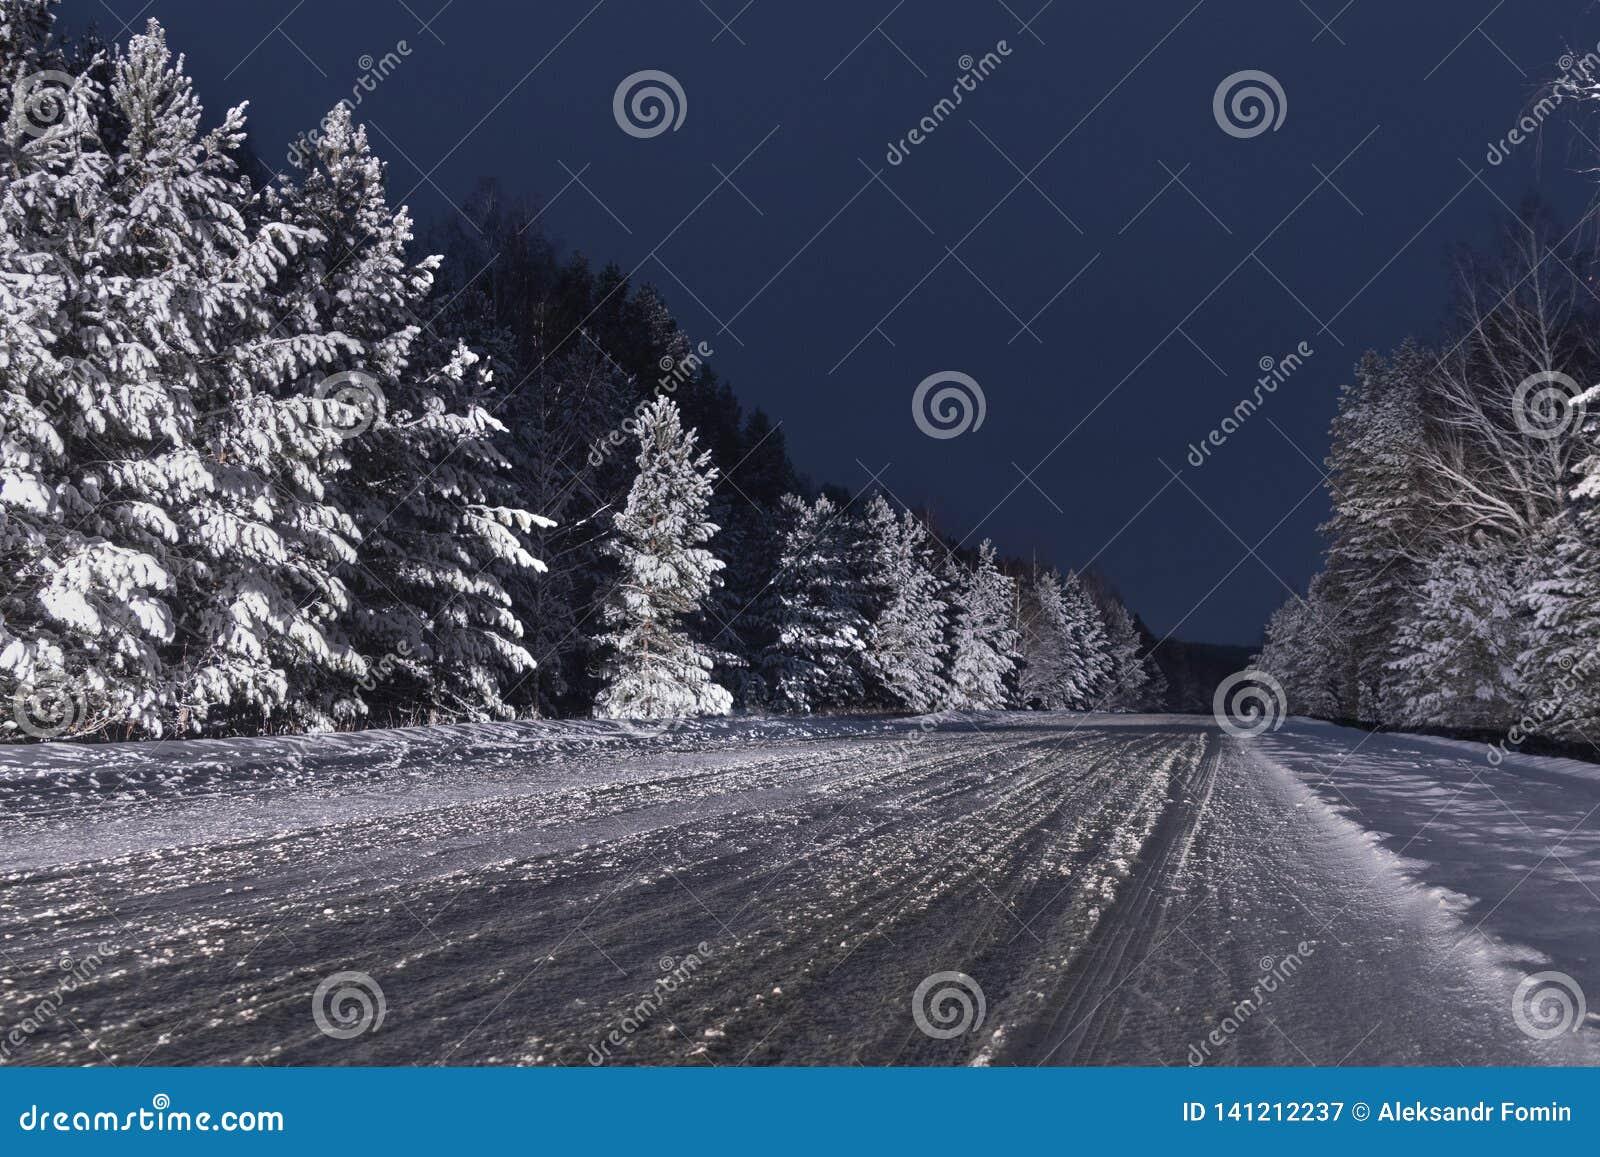 Nachtschnee bedeckte ungeschälte Straße des Winters